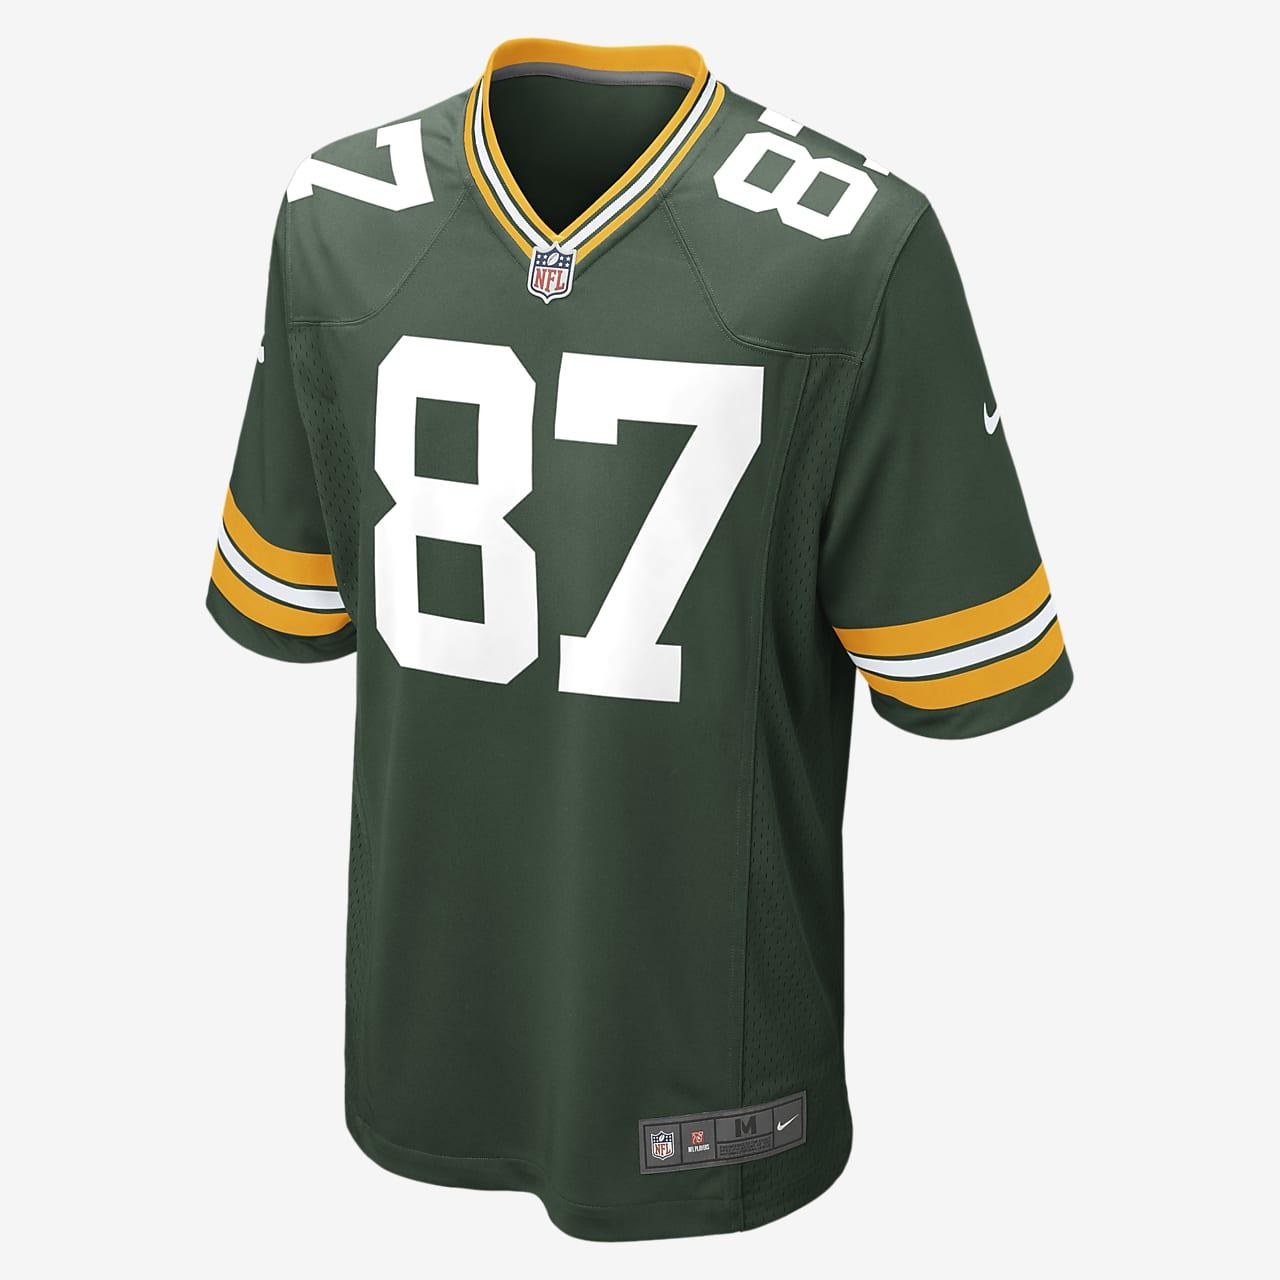 Maillot de football américain domicile NFL Green Bay Packers (Jordy Nelson) pour Homme